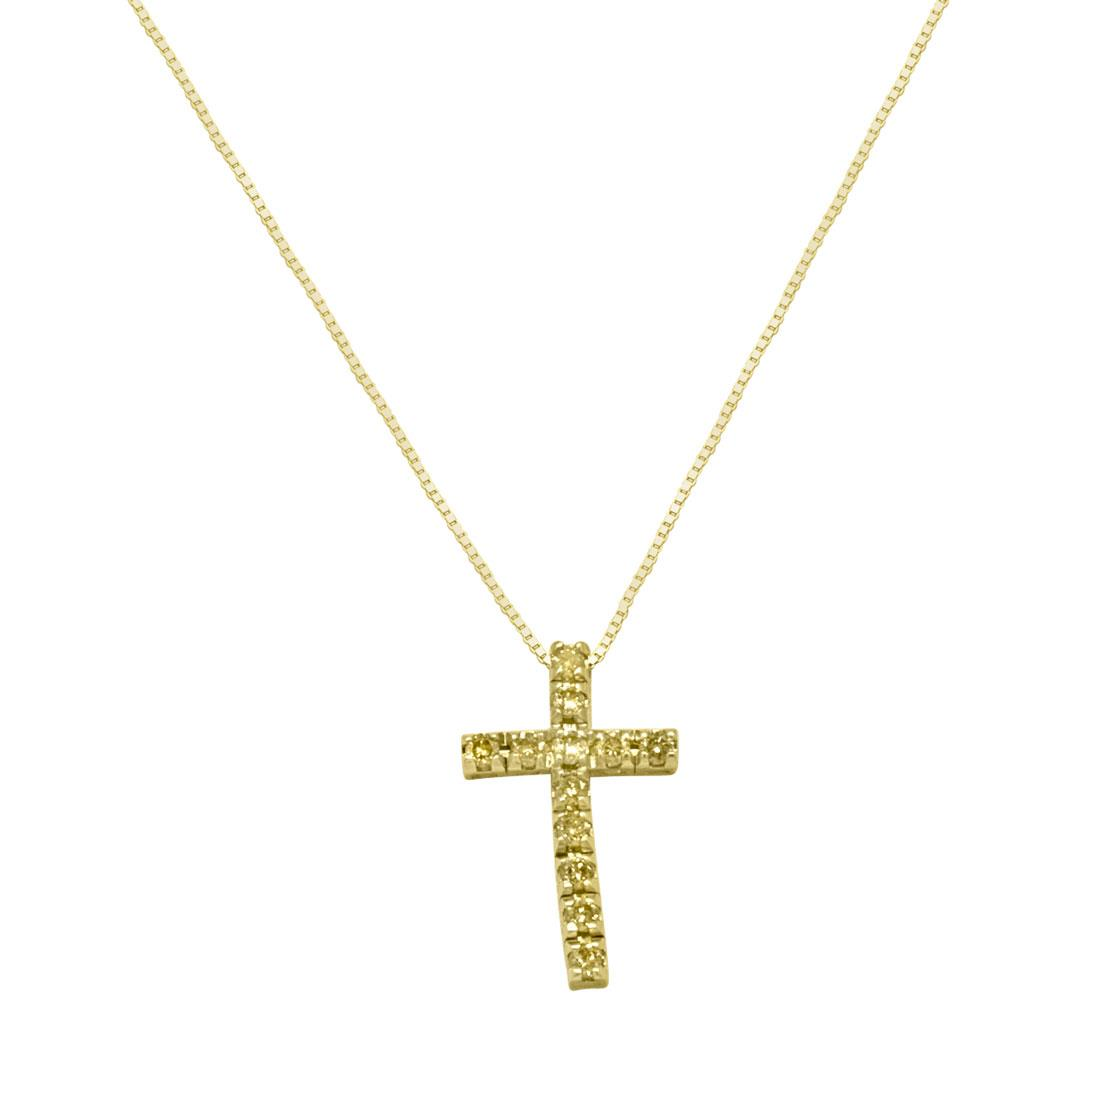 Collana croce (2.4cm) in oro con diamanti gialli ct 0.20, lunghezza 42cm - ALFIERI & ST. JOHN